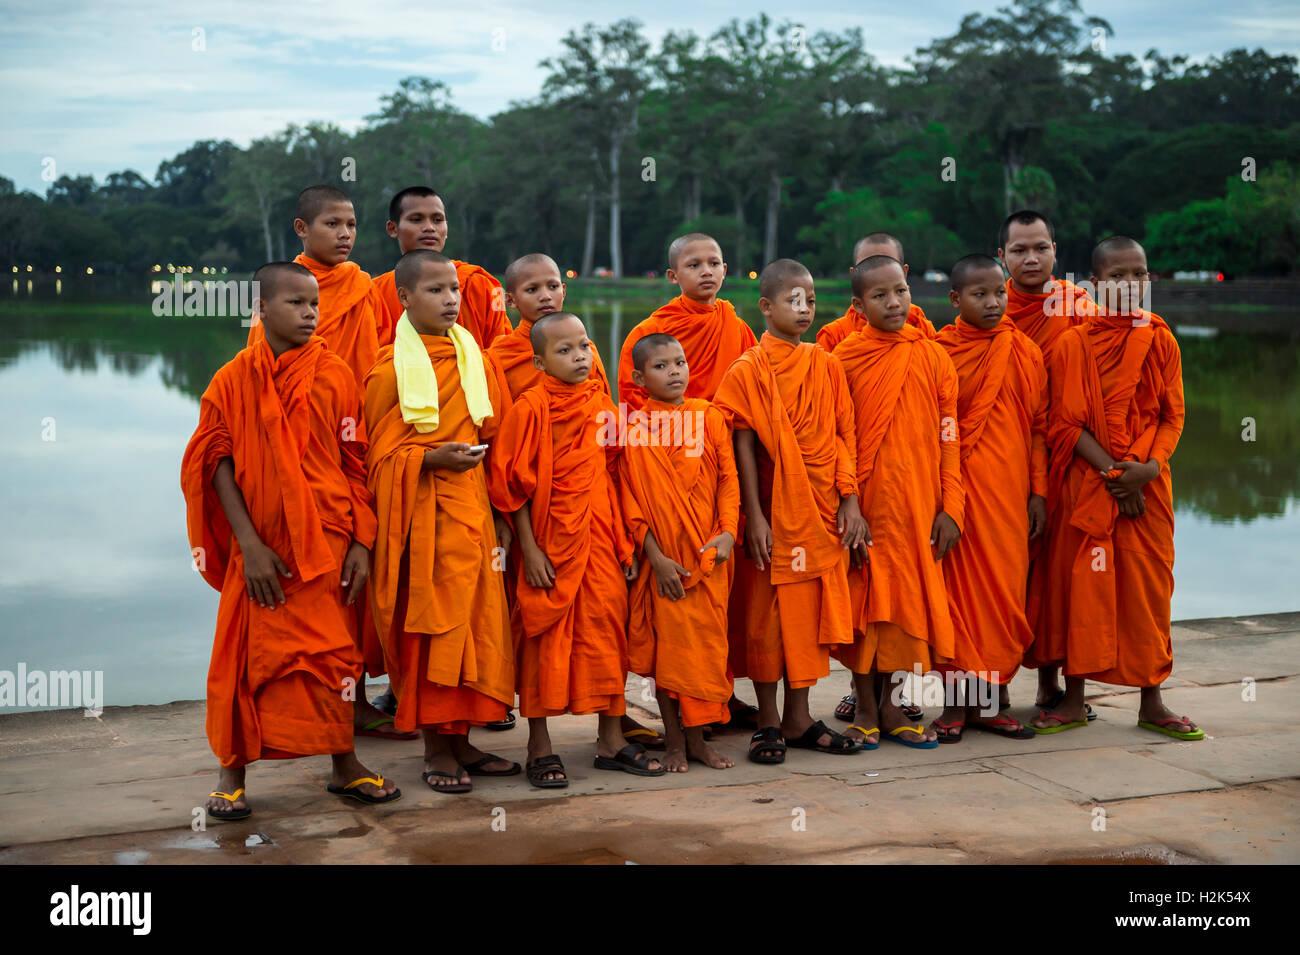 SIEM REAP, Cambodge - 30 octobre 2014: un groupe de moines bouddhistes novice en robes orange causer sur les Photo Stock